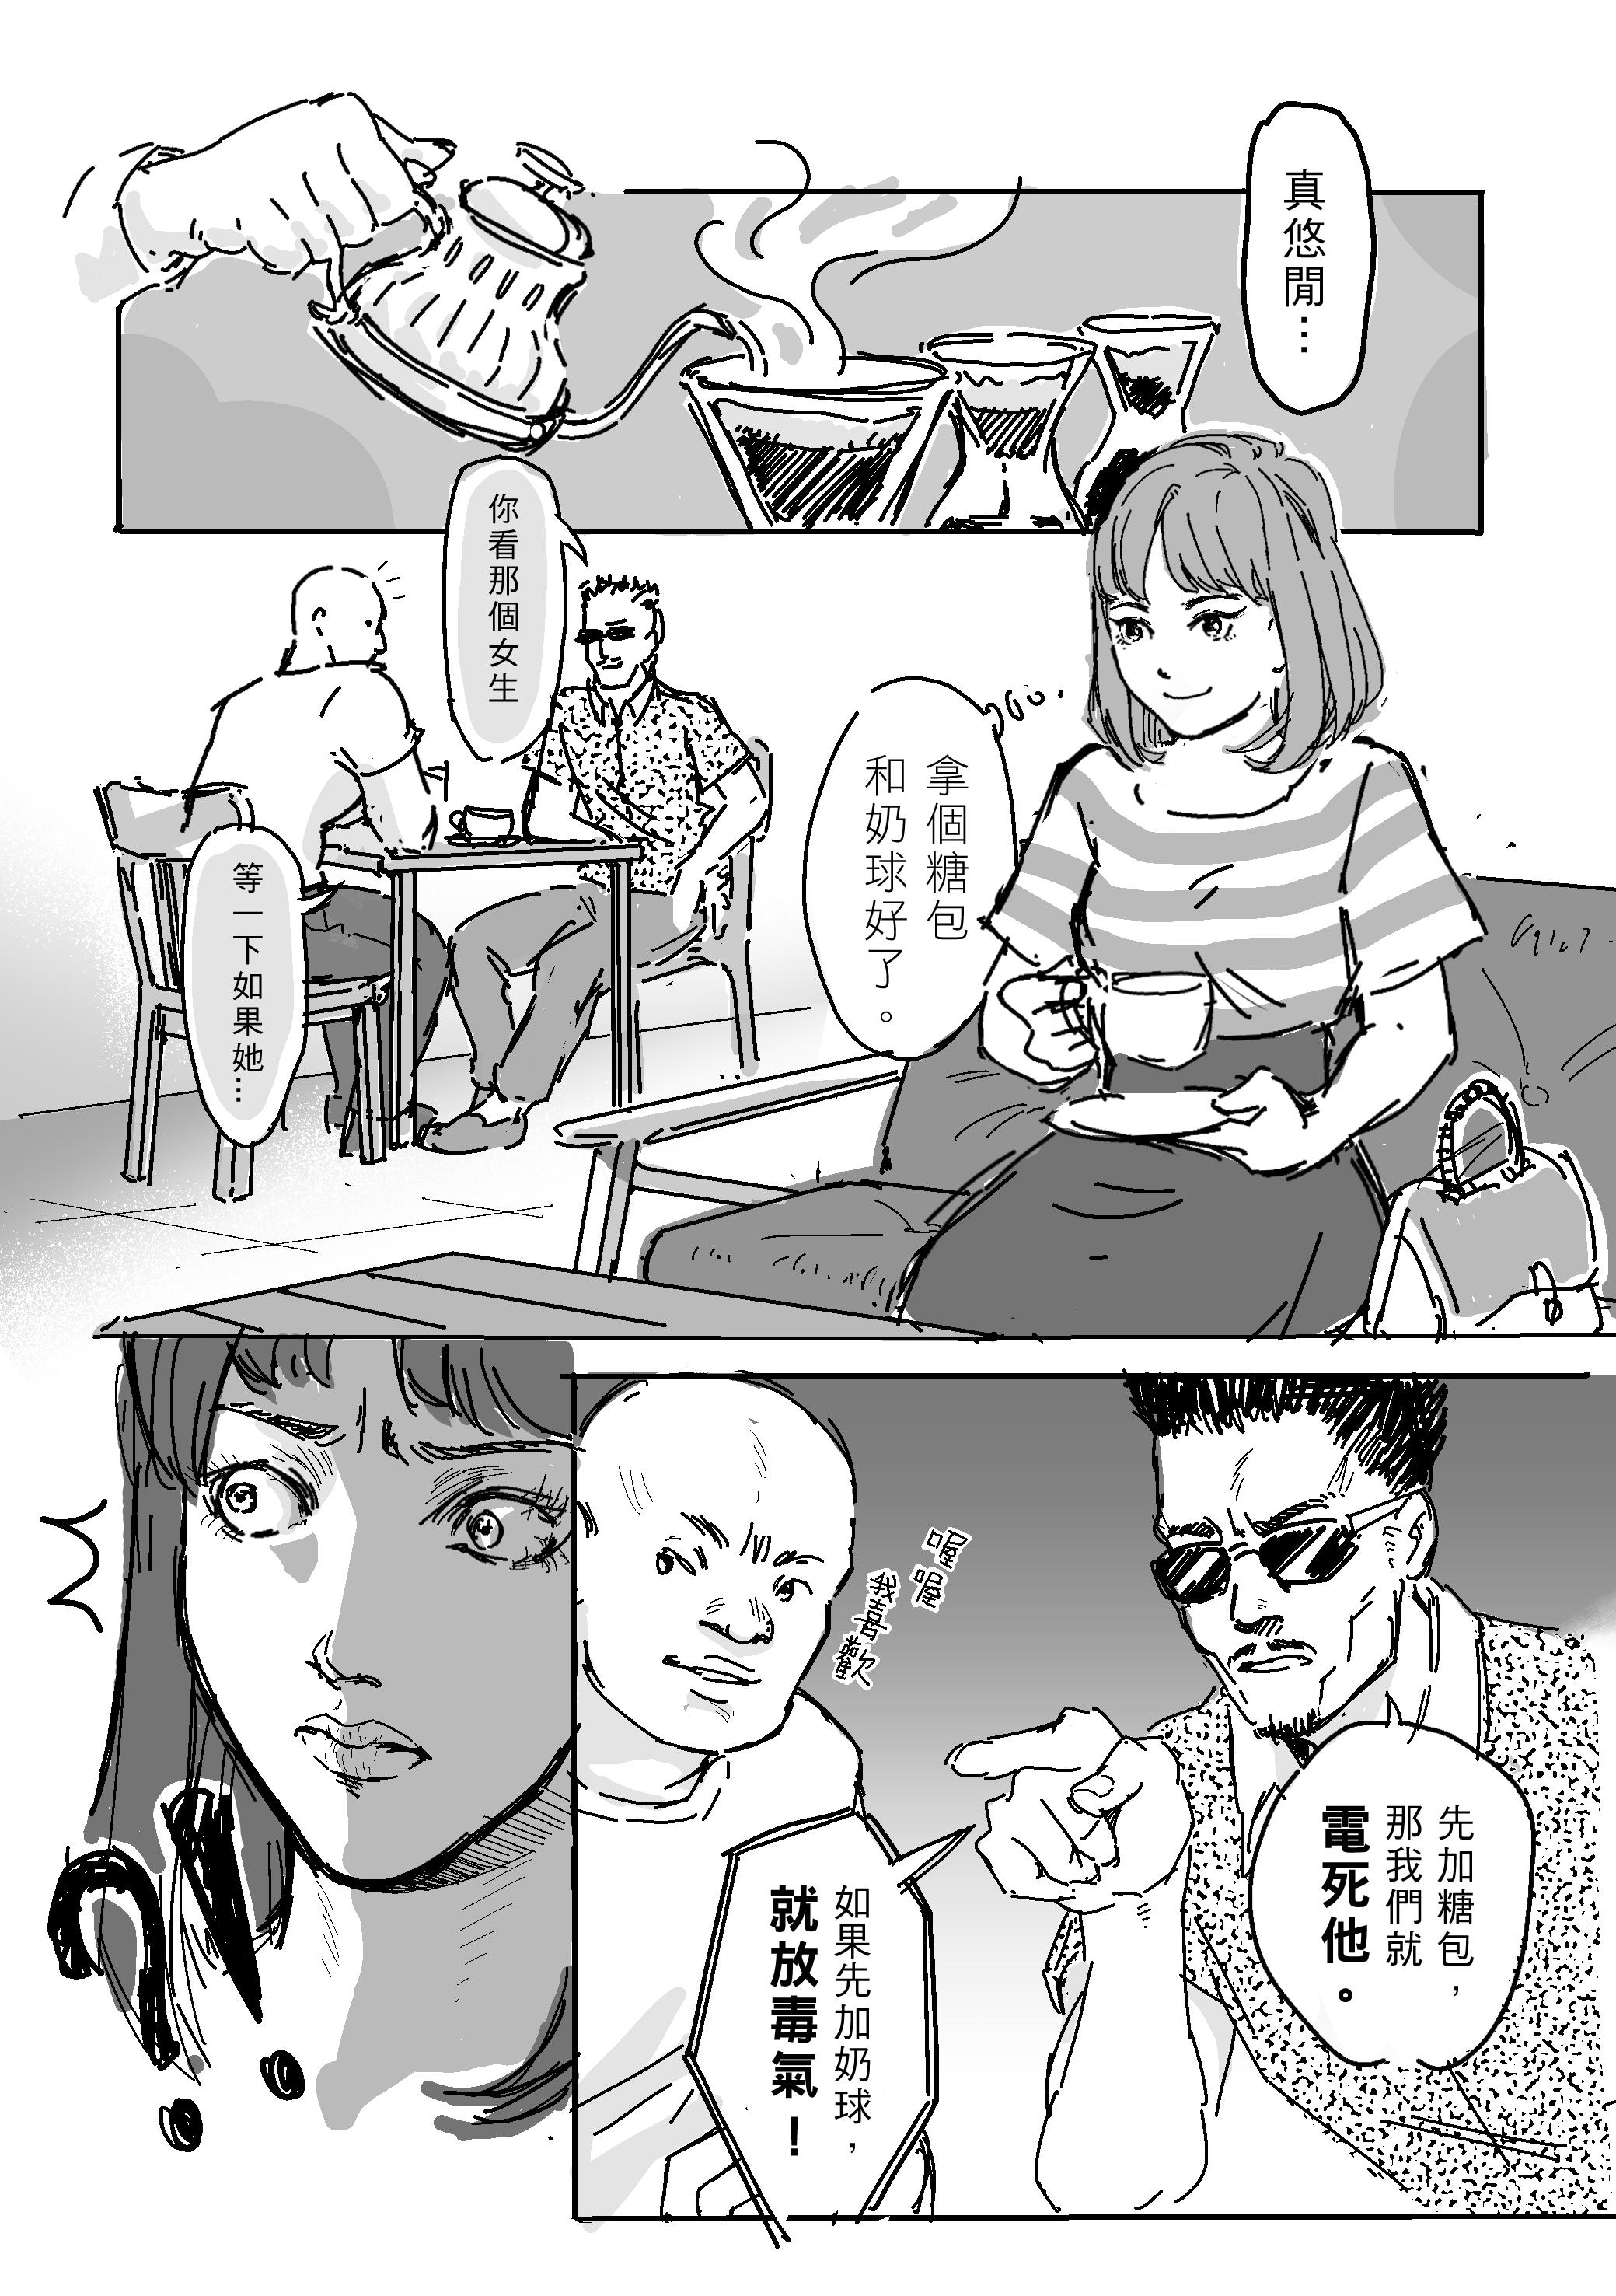 分鏡接力_last_imo_01